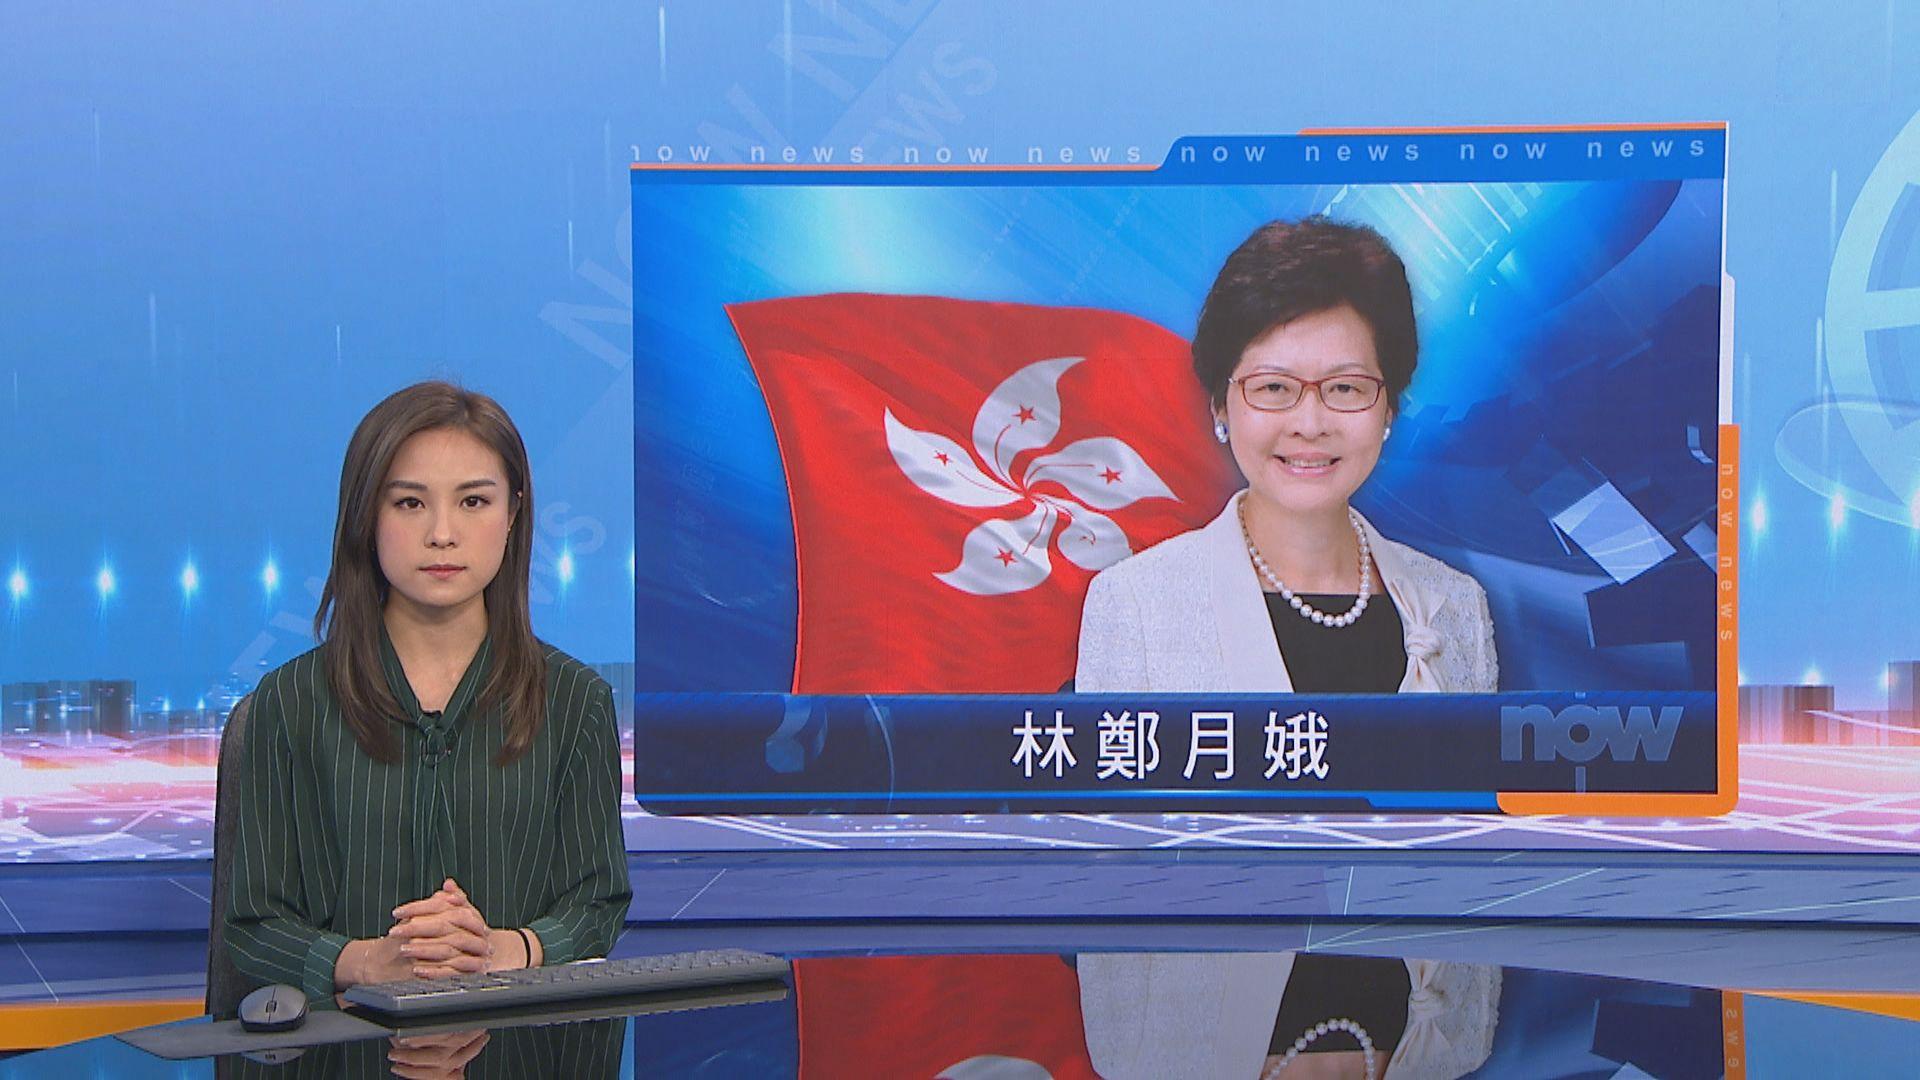 林鄭:跨境婚姻仍處高水平 不認同改動單程證政策